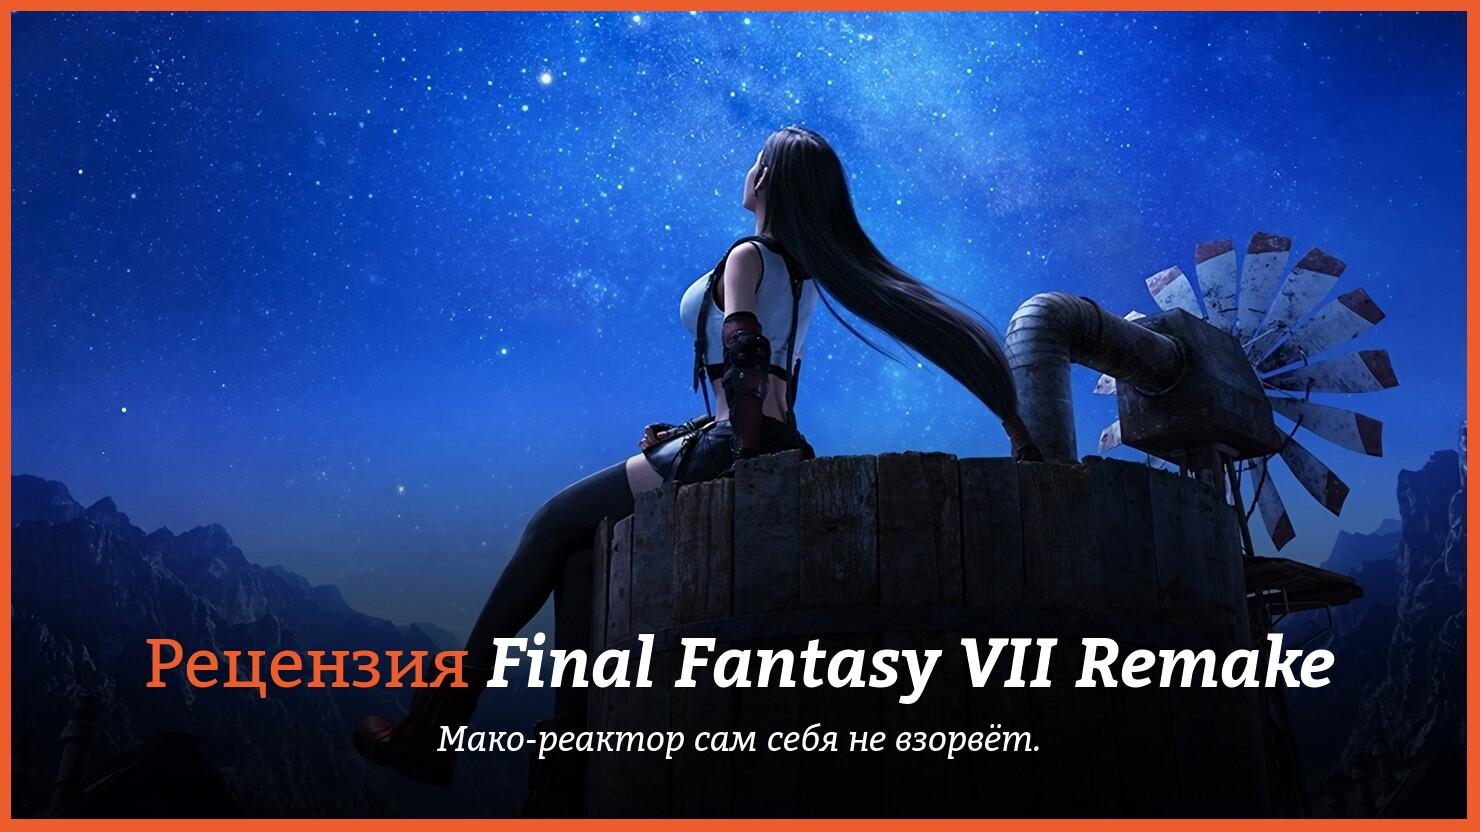 finalfantasy7remake_splash_5891.jpg